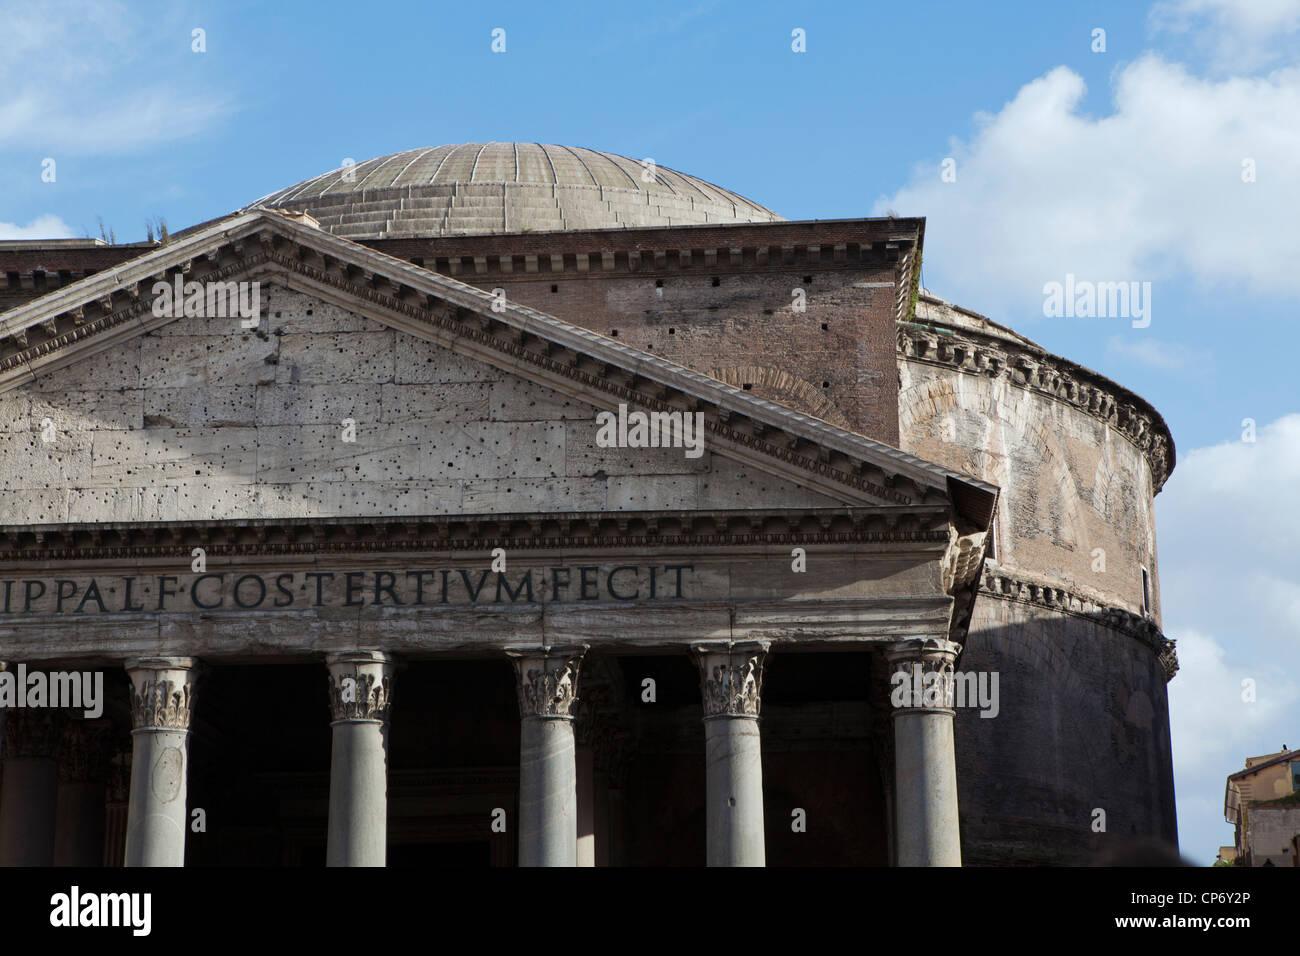 Pantheon Rome Stock Photos & Pantheon Rome Stock Images